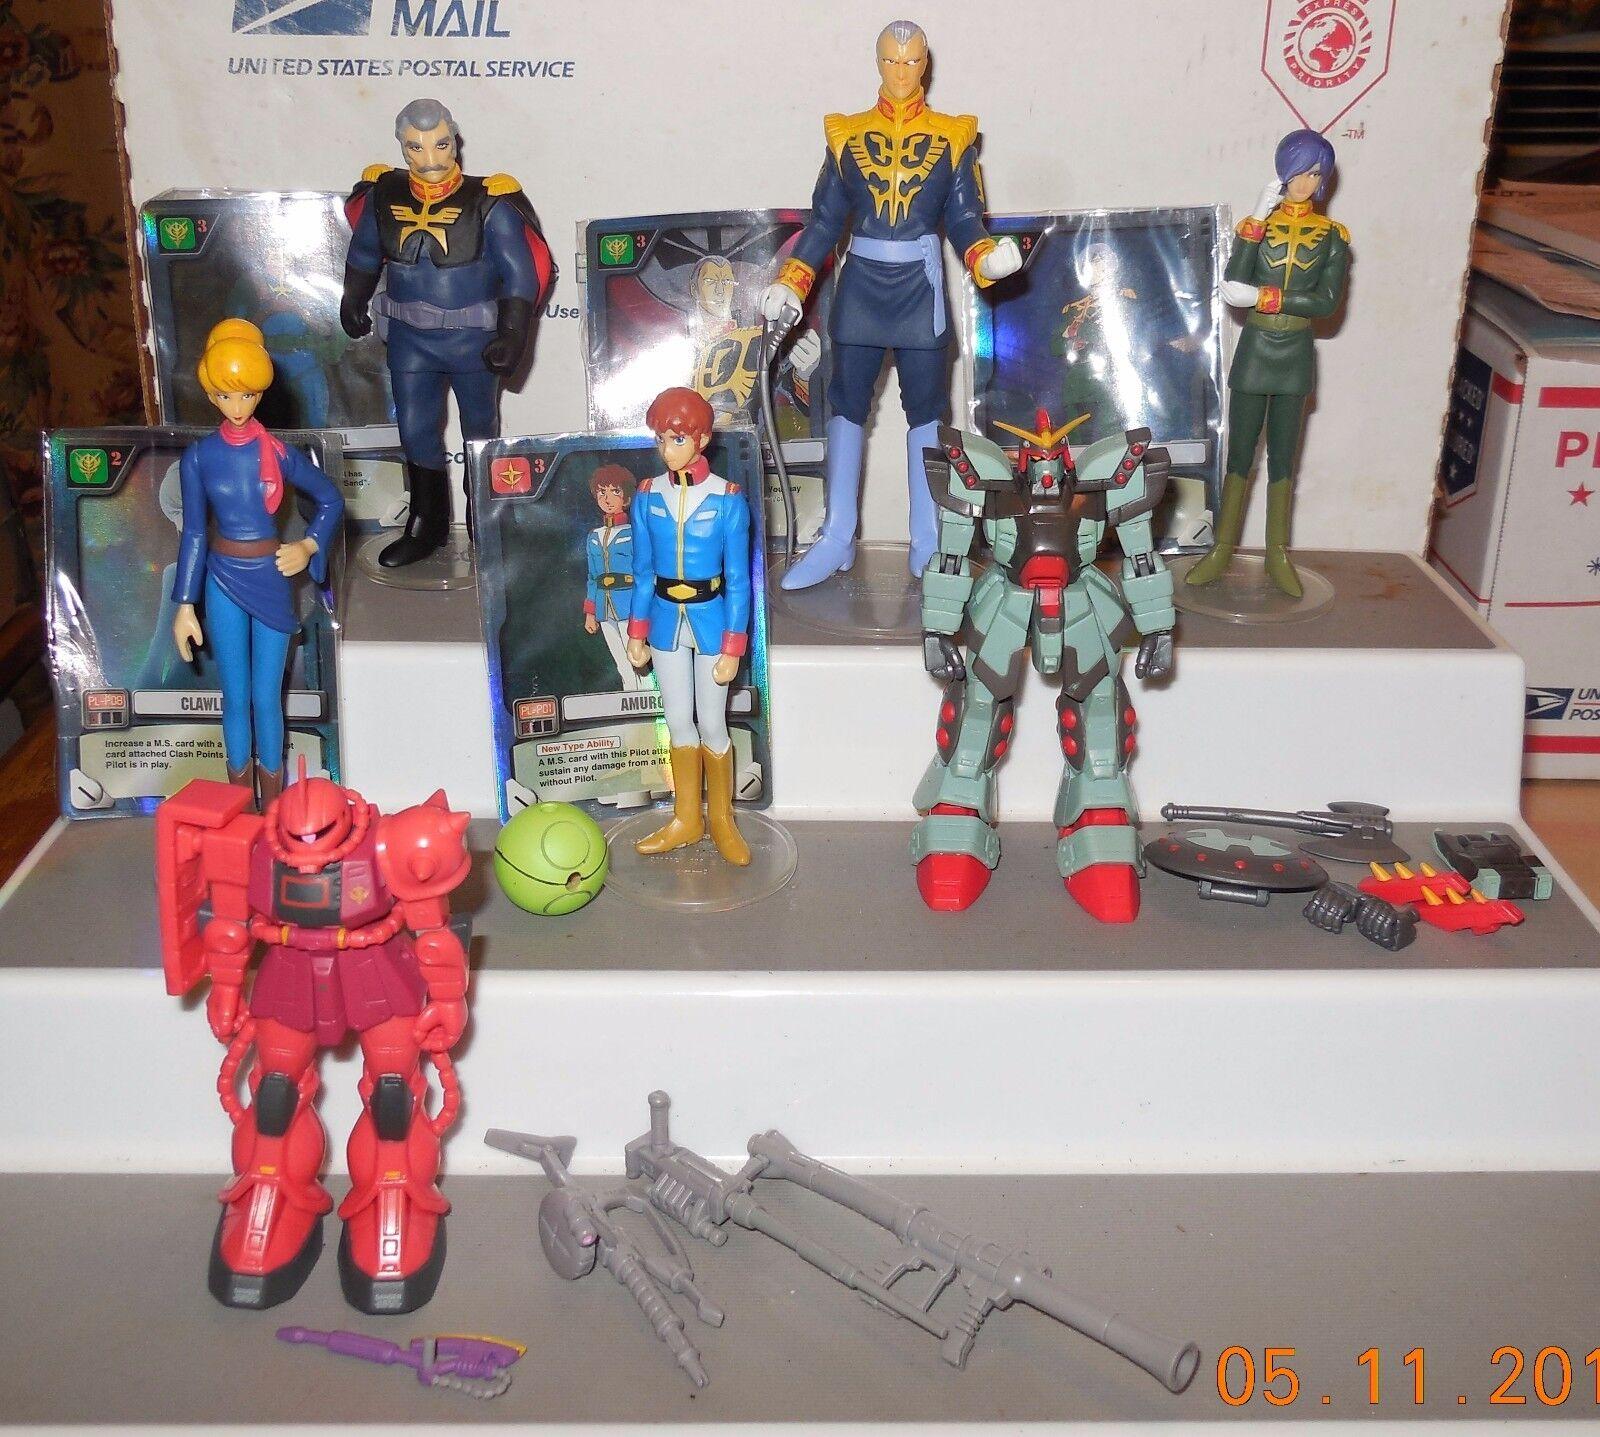 2001 Bandai Mobile Suit Gundam 4